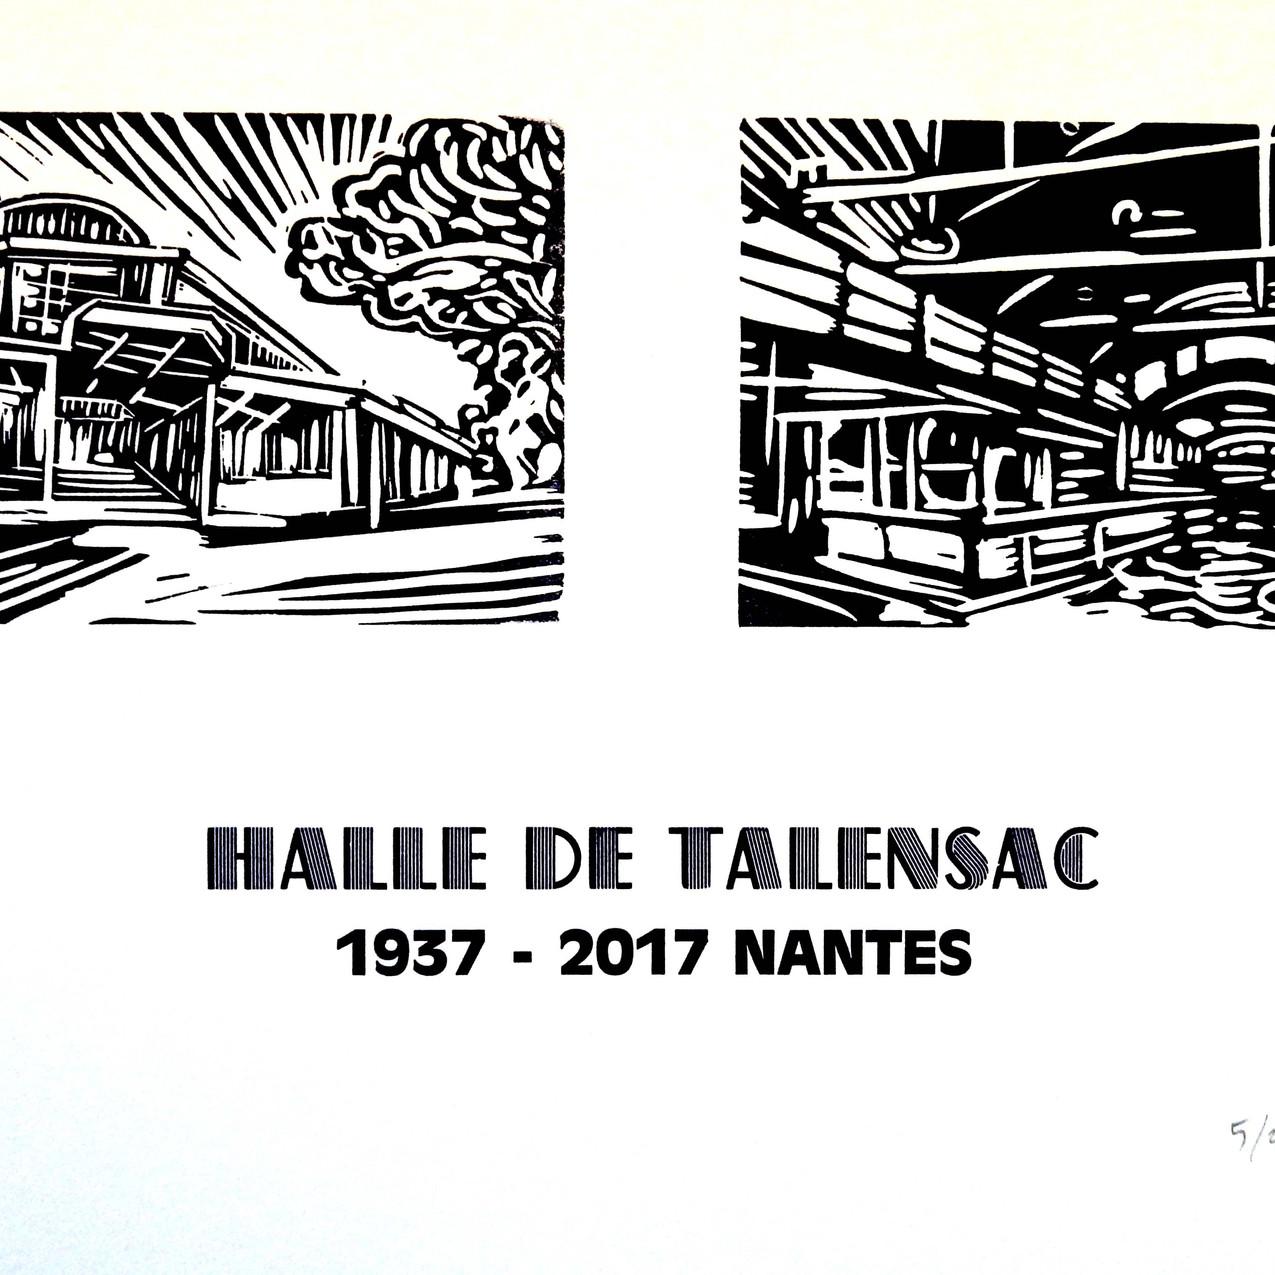 1_gravure_marché_de_talensac_1937-2017